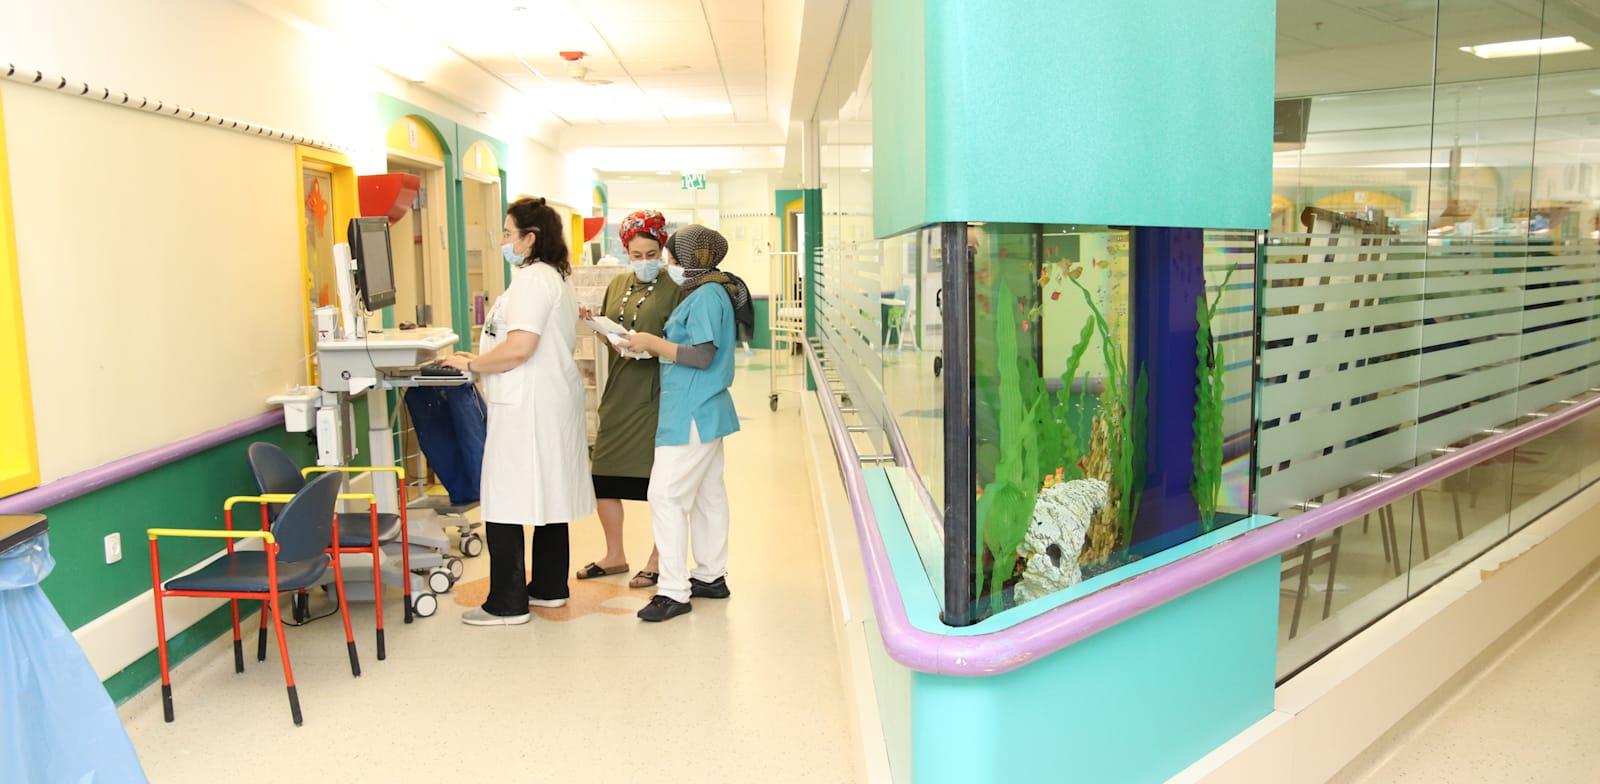 בית החולים לילדים שניידר / צילום: דוברות מרכז שניידר